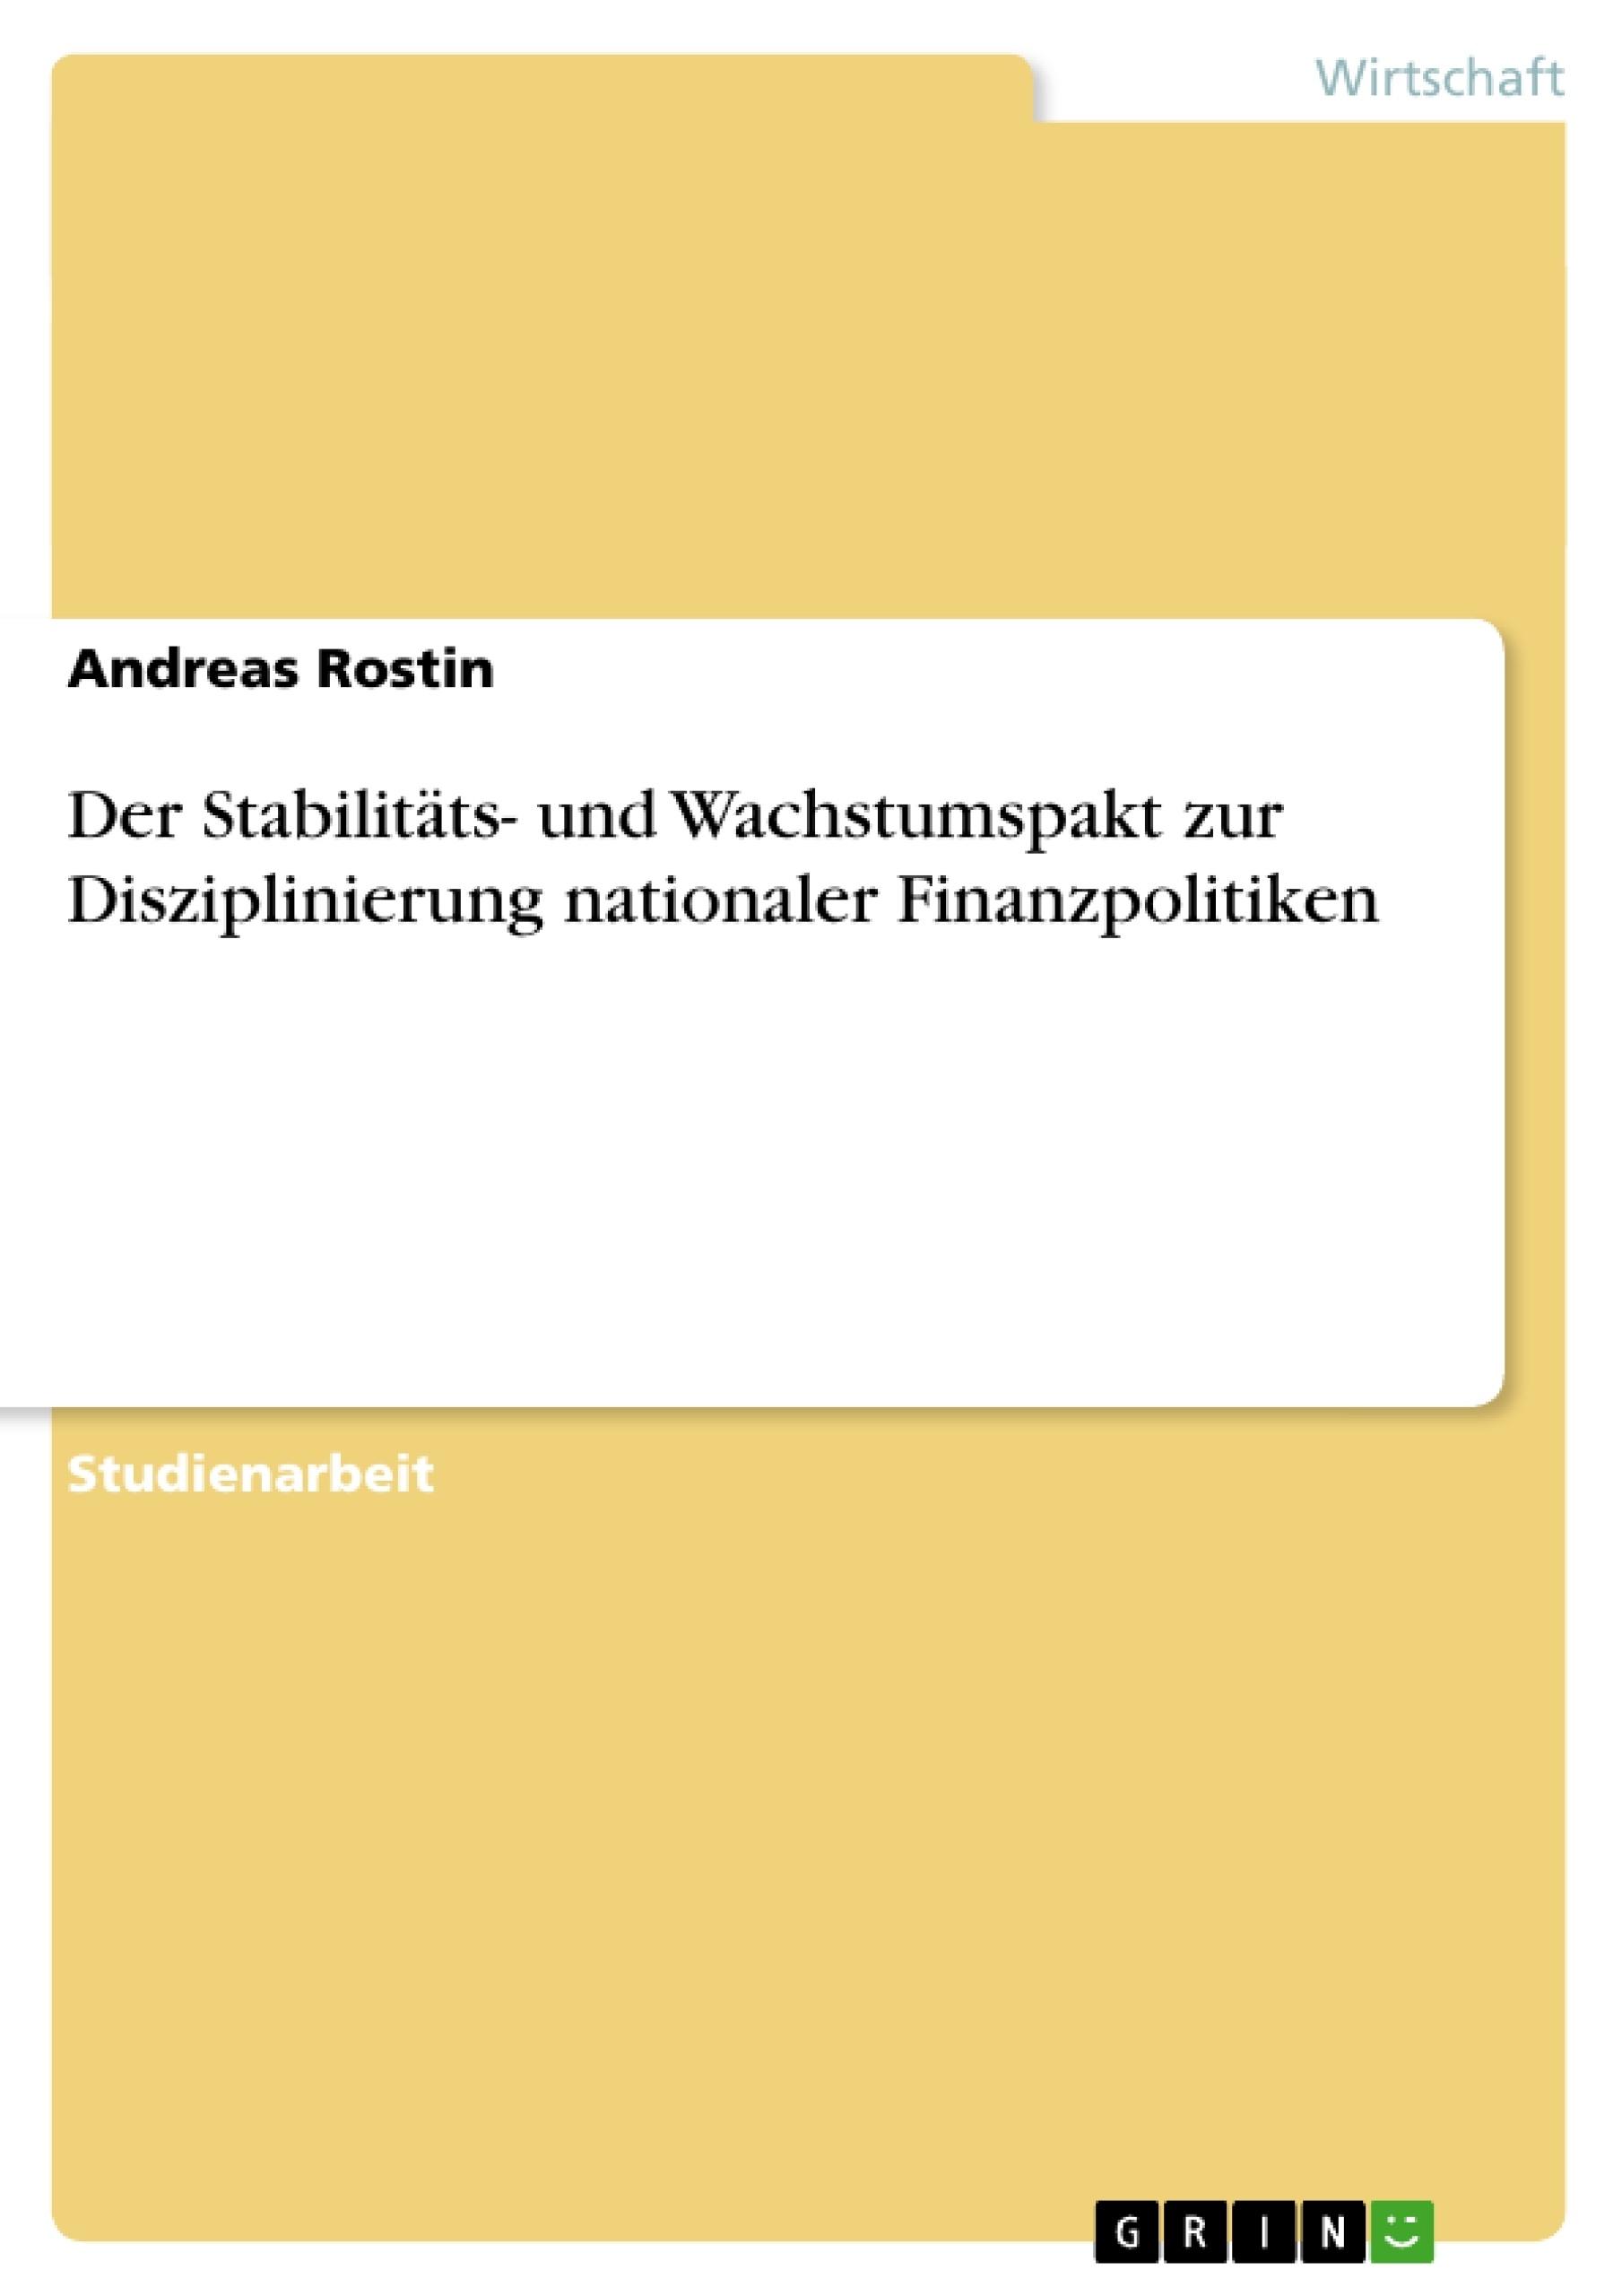 Titel: Der Stabilitäts- und Wachstumspakt zur Disziplinierung nationaler Finanzpolitiken